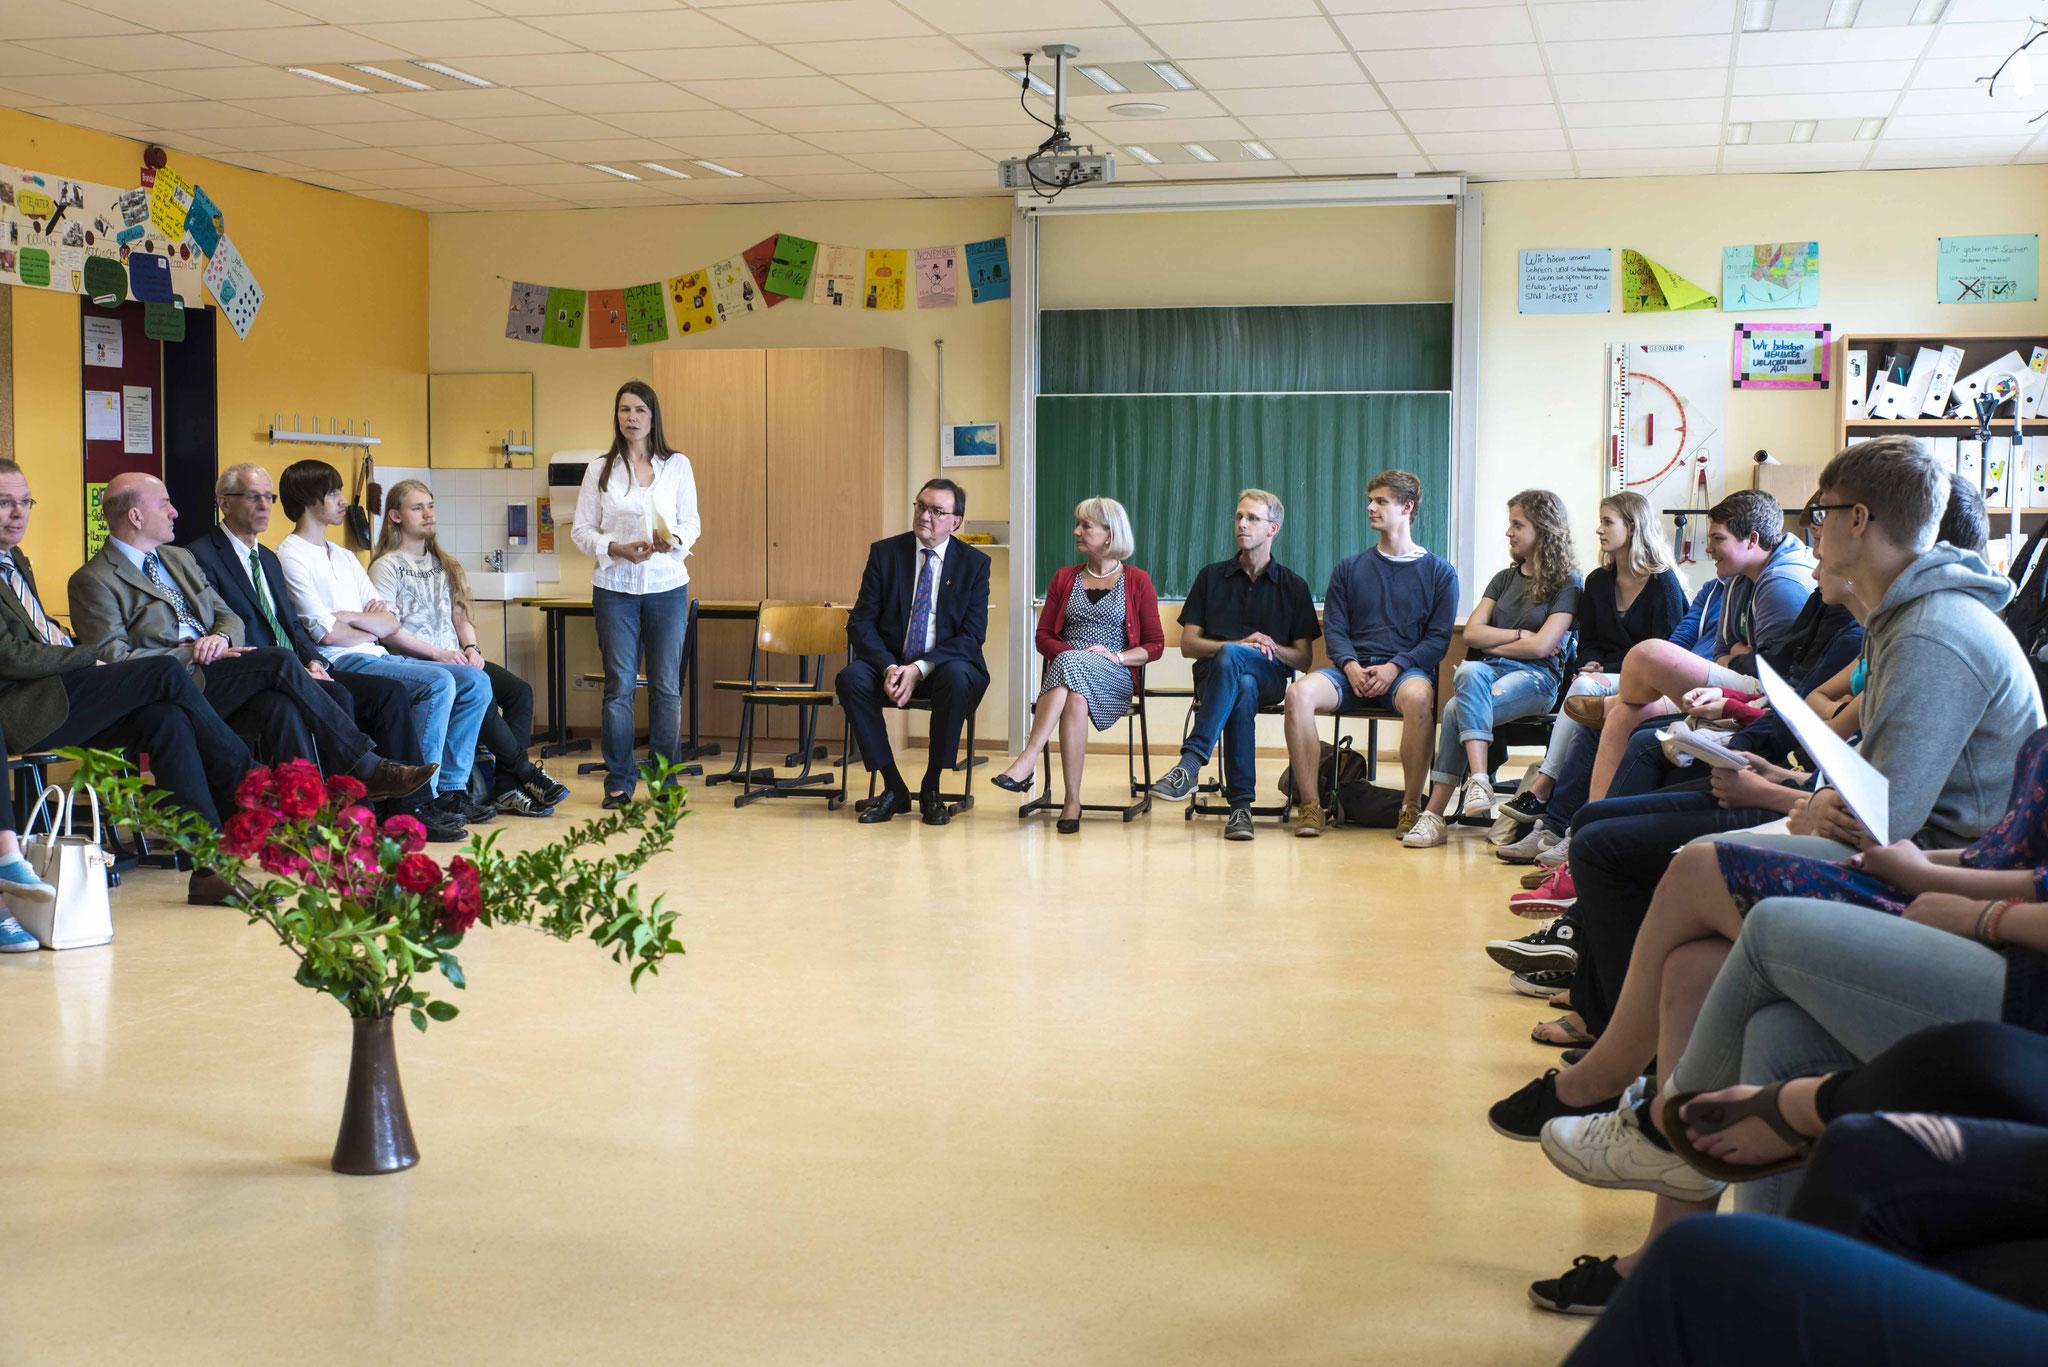 Gespräch im Religionsunterricht über ethische Themen mit den Schülern der 12. Jahrgangsstufe. Begrüßung durch Pfarrerin Dr. Anna Karena Müller